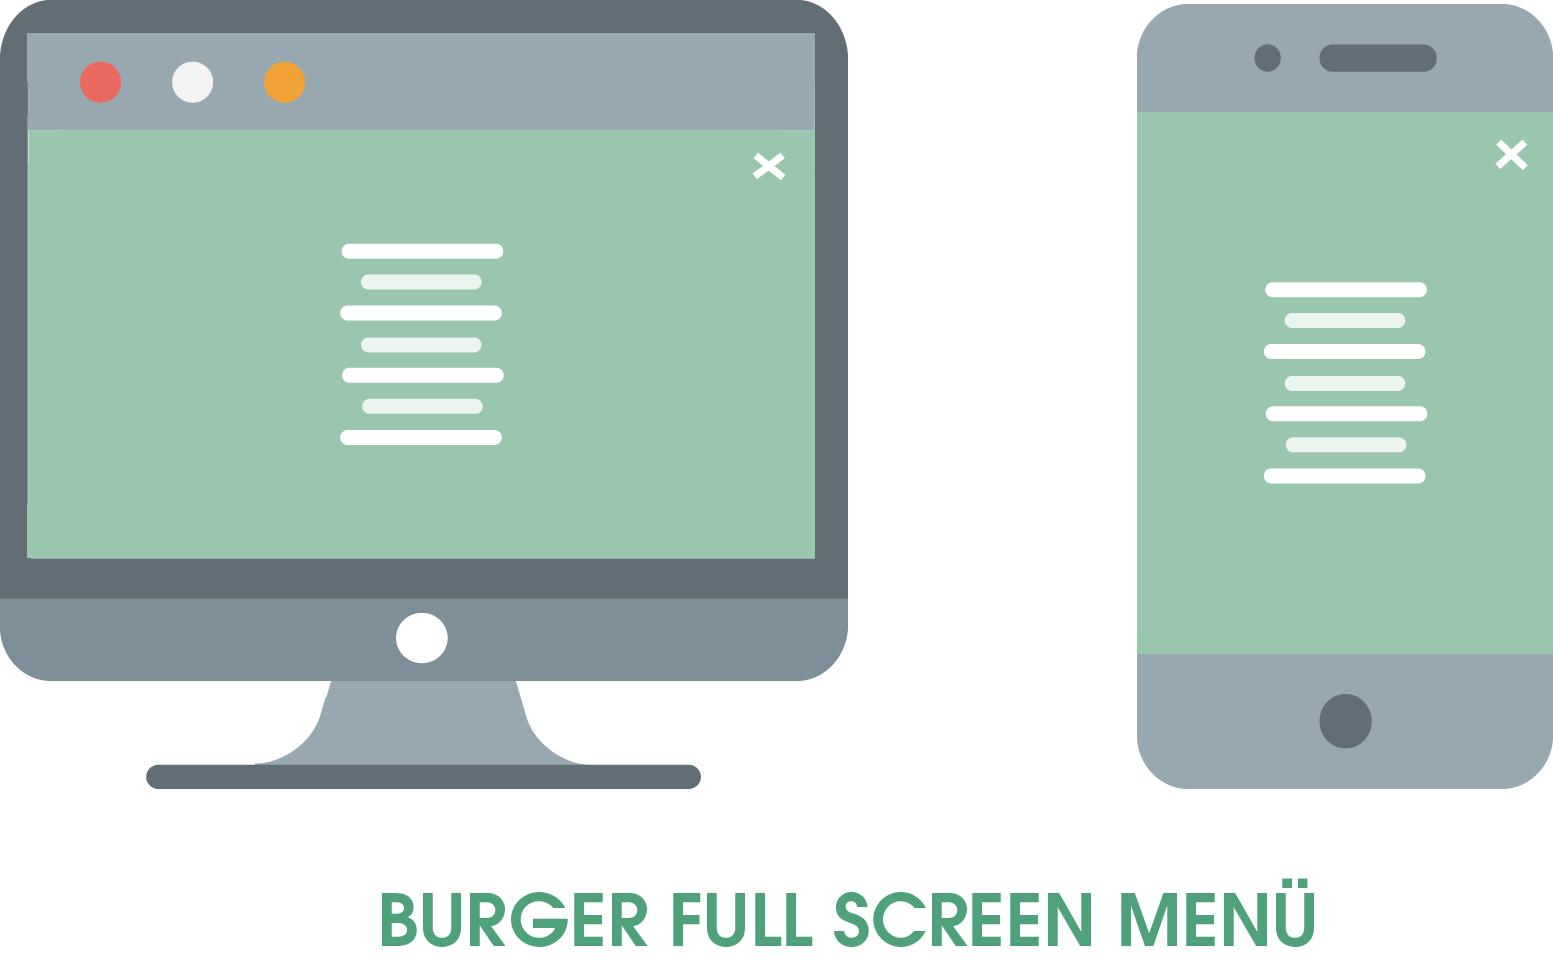 Zu sehen ist das Burger Full Screen Menü, welches sich nach dem Anklicken des Burger-Symbols (zu erkennen an den drei übereinandergestapelten Balken) über den kompletten Bildschirm ausbreitet.